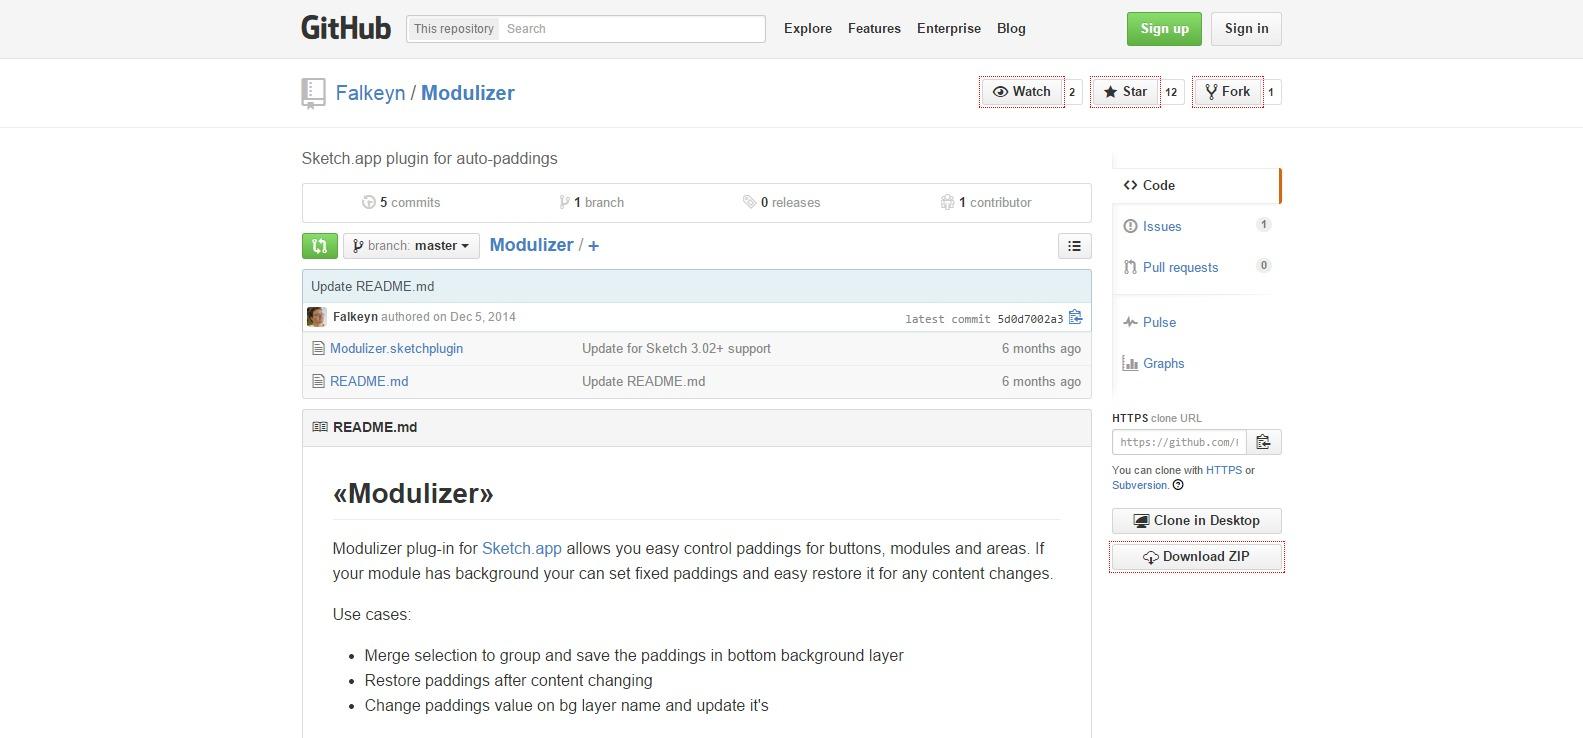 前端神器!为网页设计而生的15个优质Sketch插件